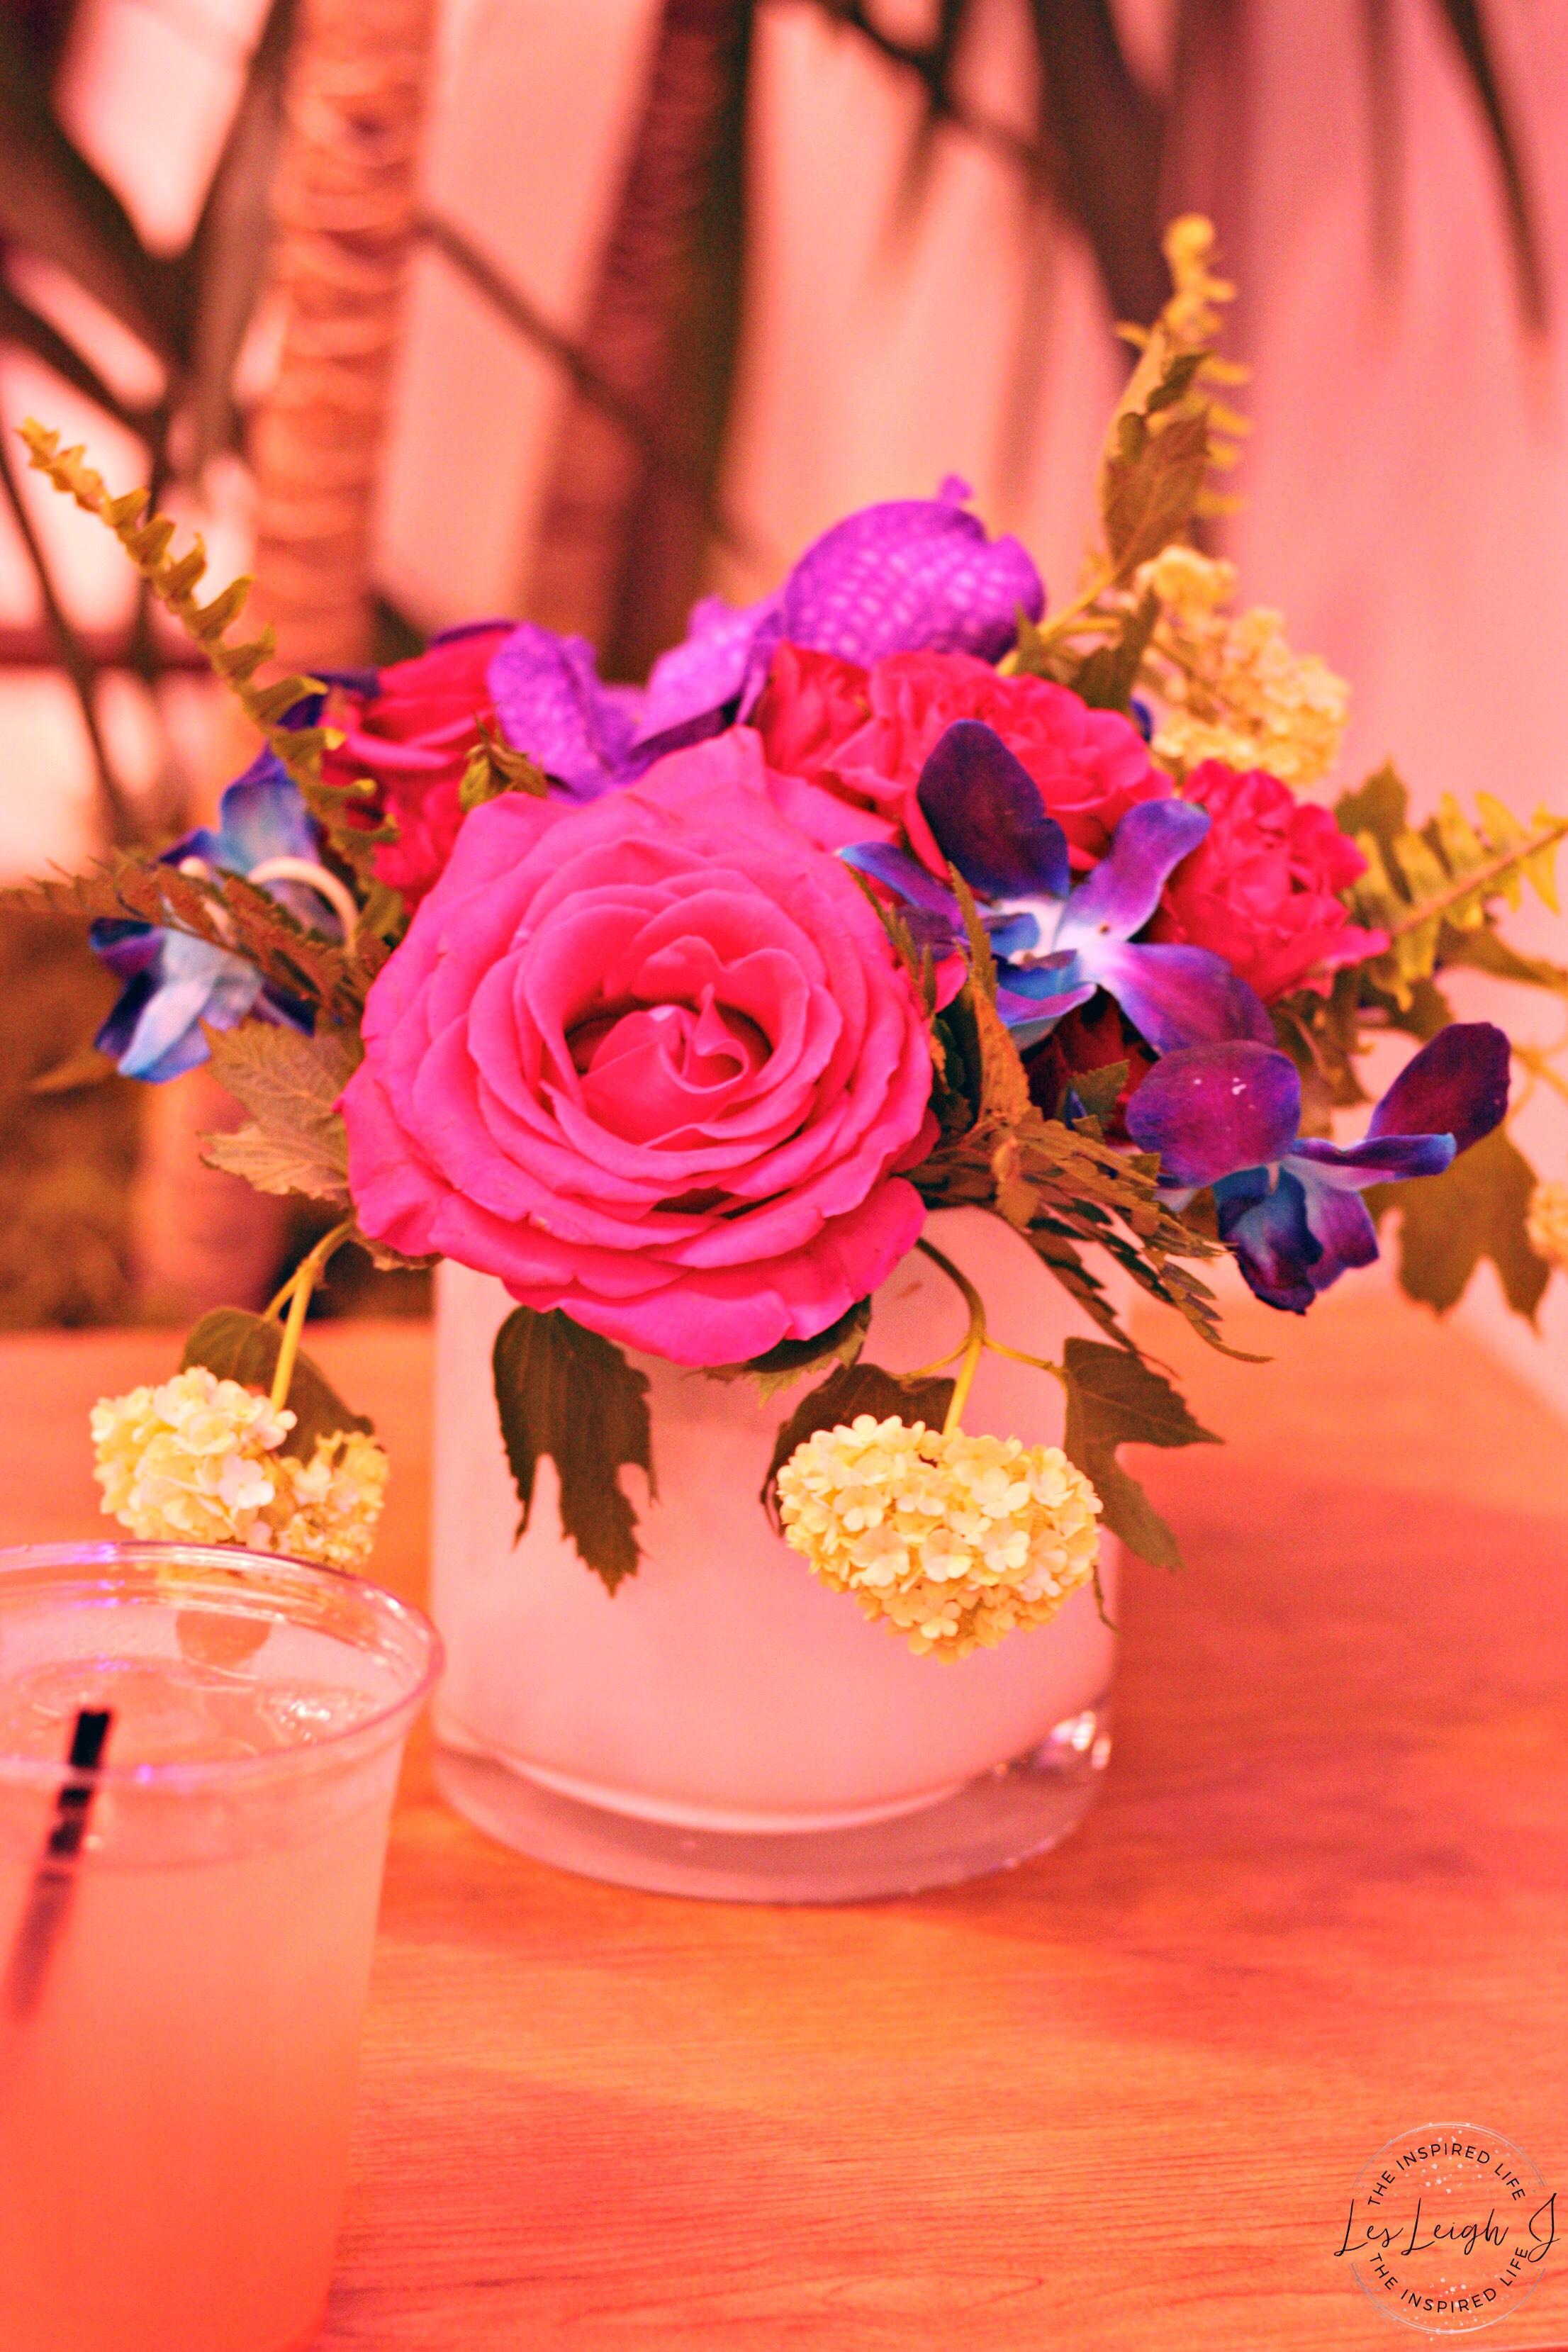 IBE-Flowers edited .JPG